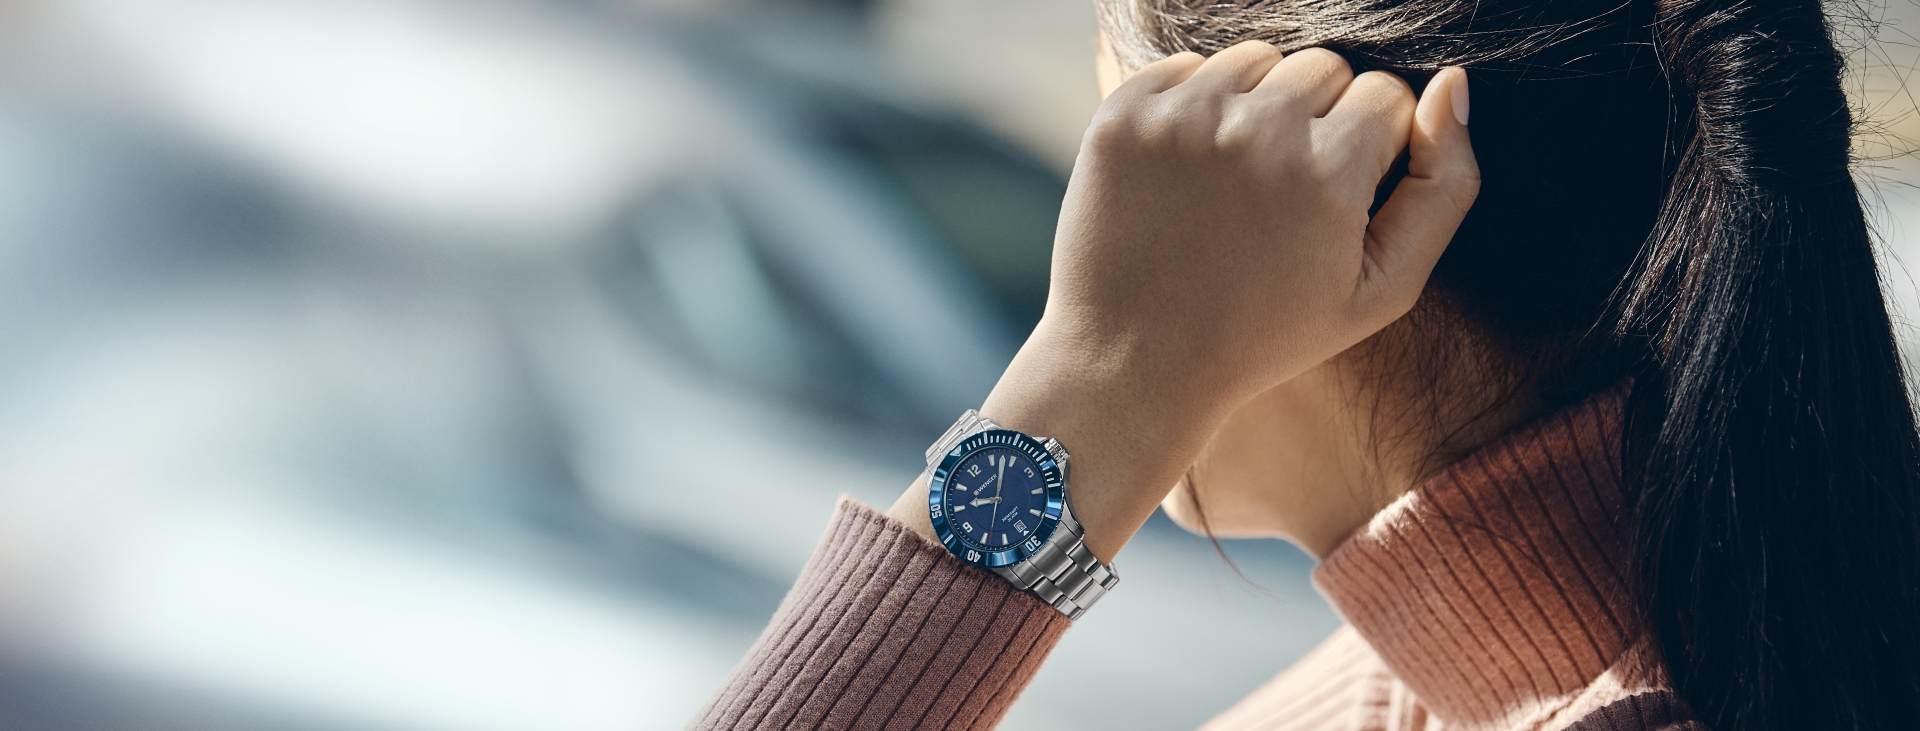 Dámské hodinky z kolekce Seaforce